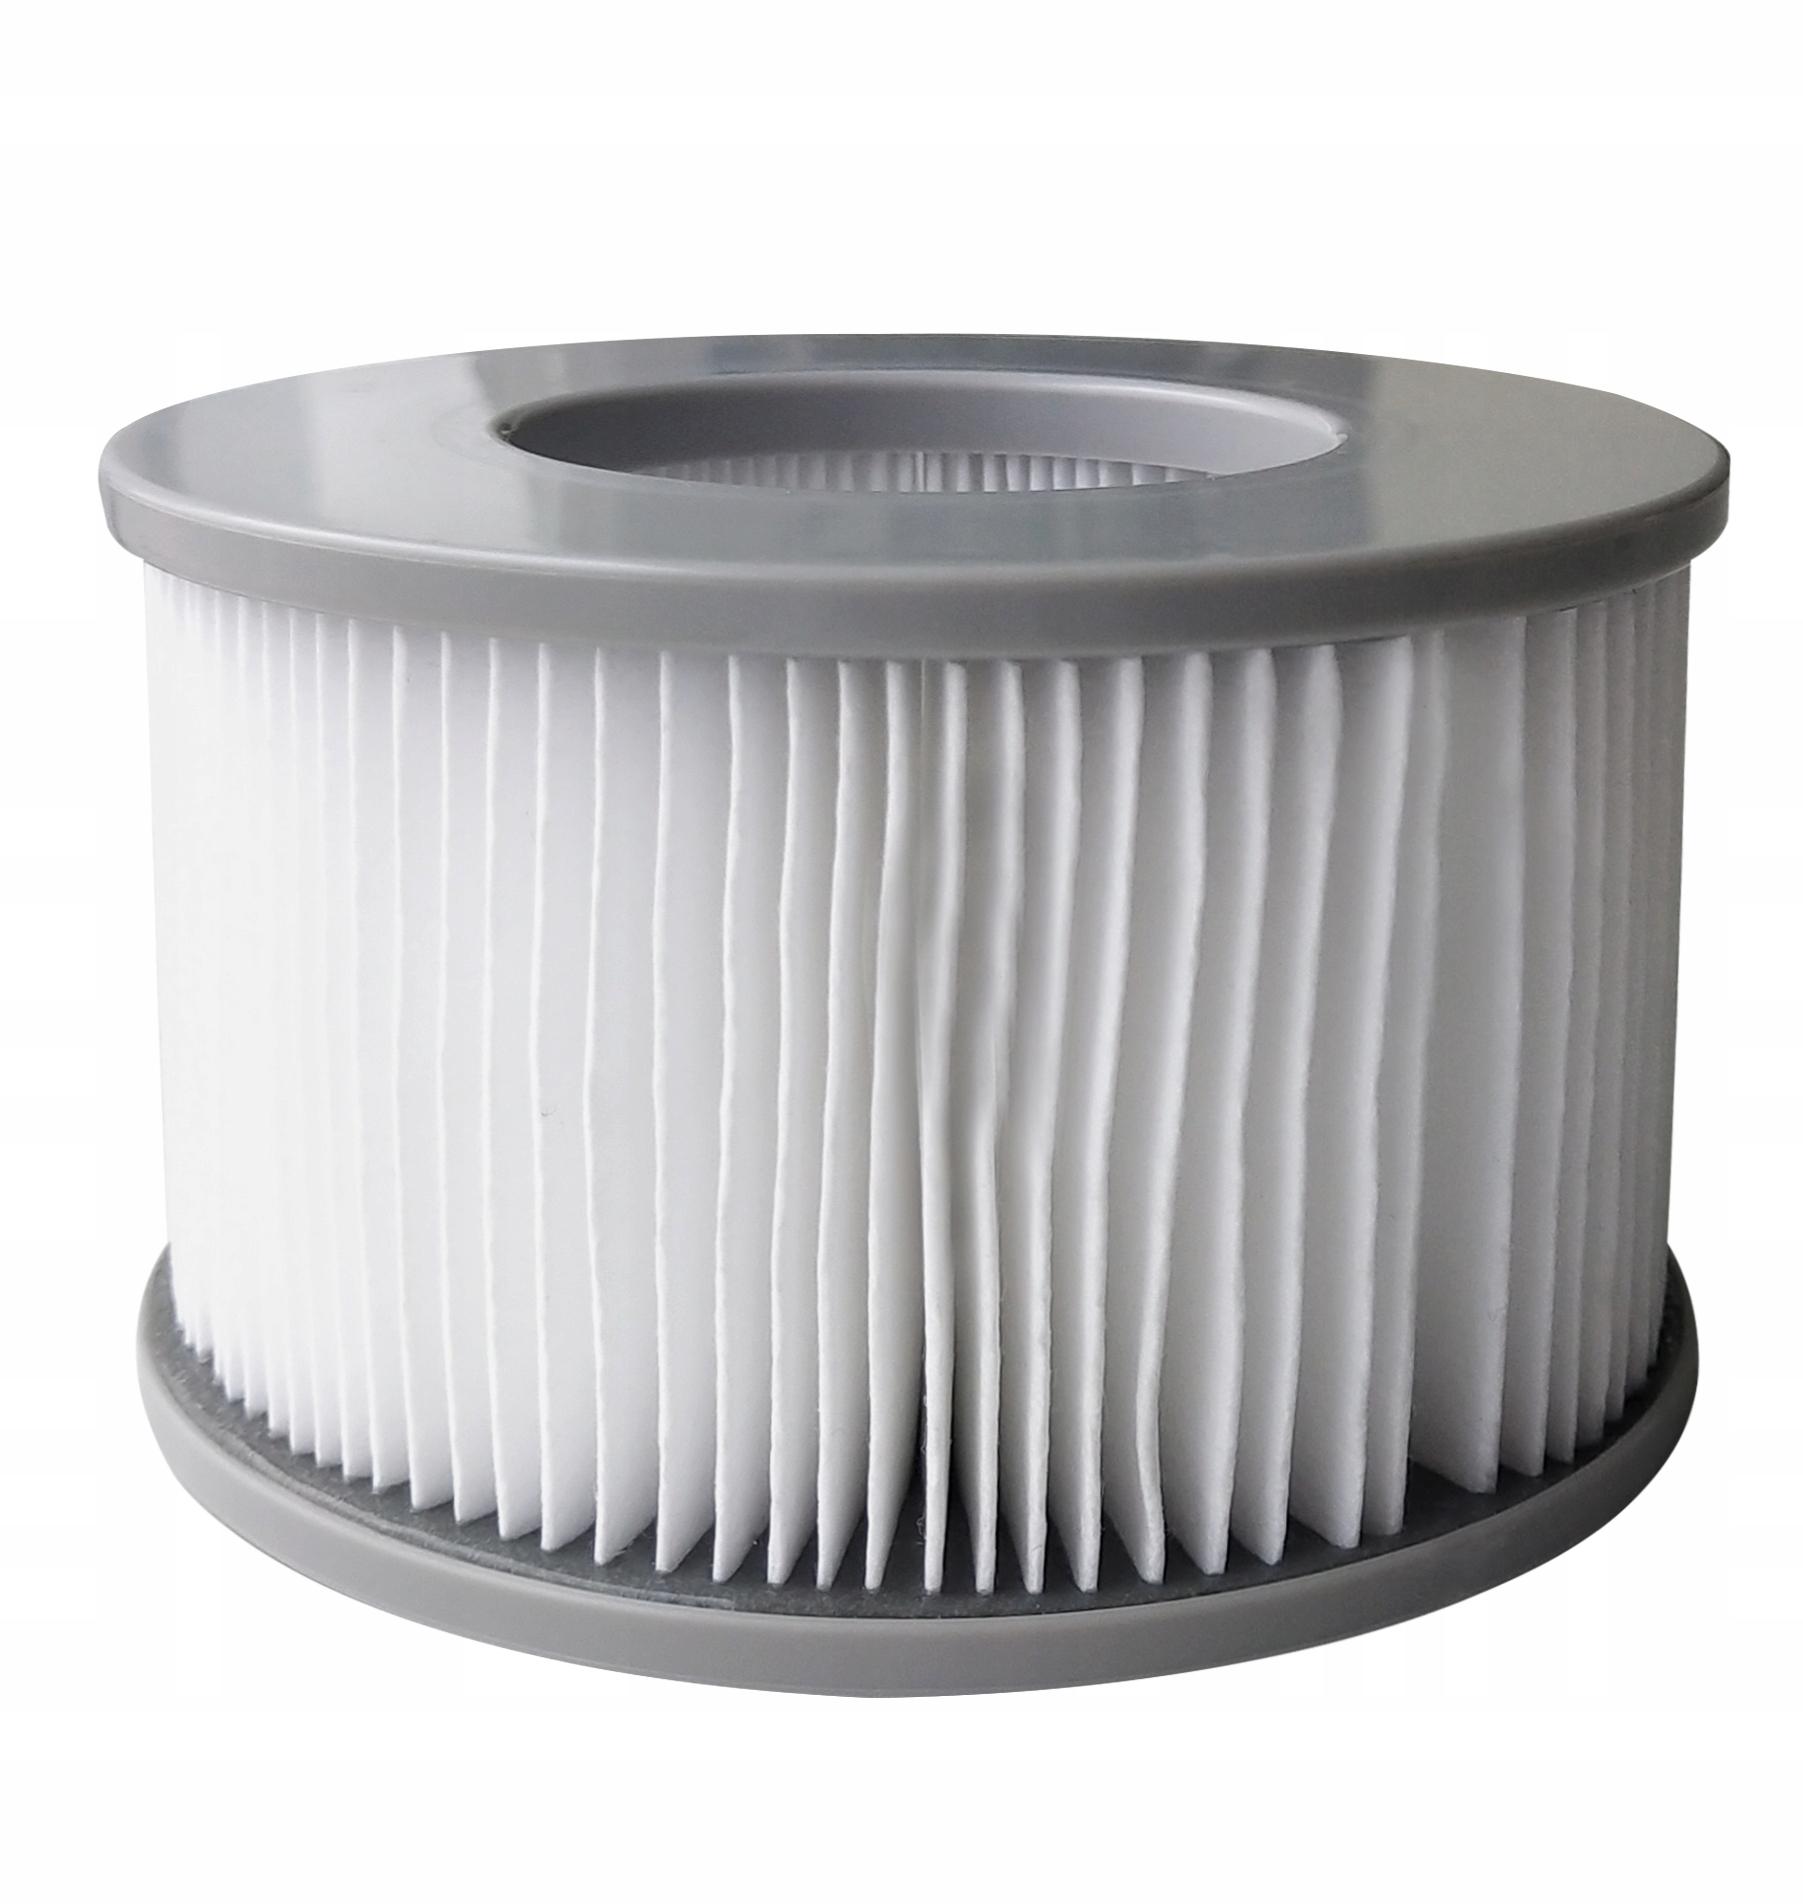 Фильтр для якузи MSPA съемный фильтр для SPA MSPA